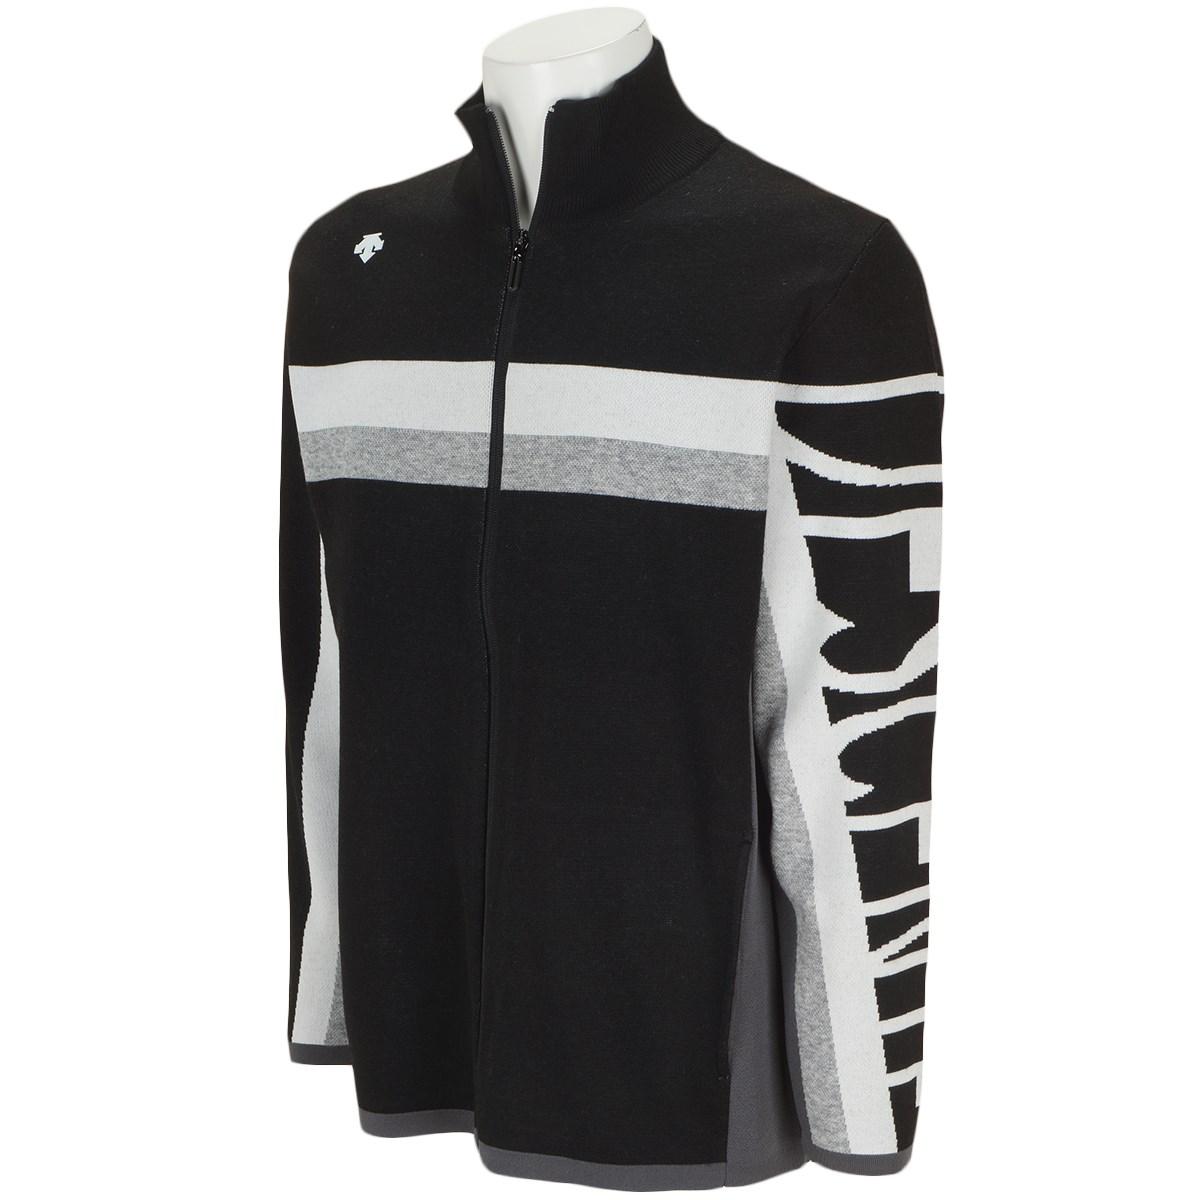 デサントゴルフ(DESCENTE GOLF) ウールポリエステルジャカードフルジップセーター